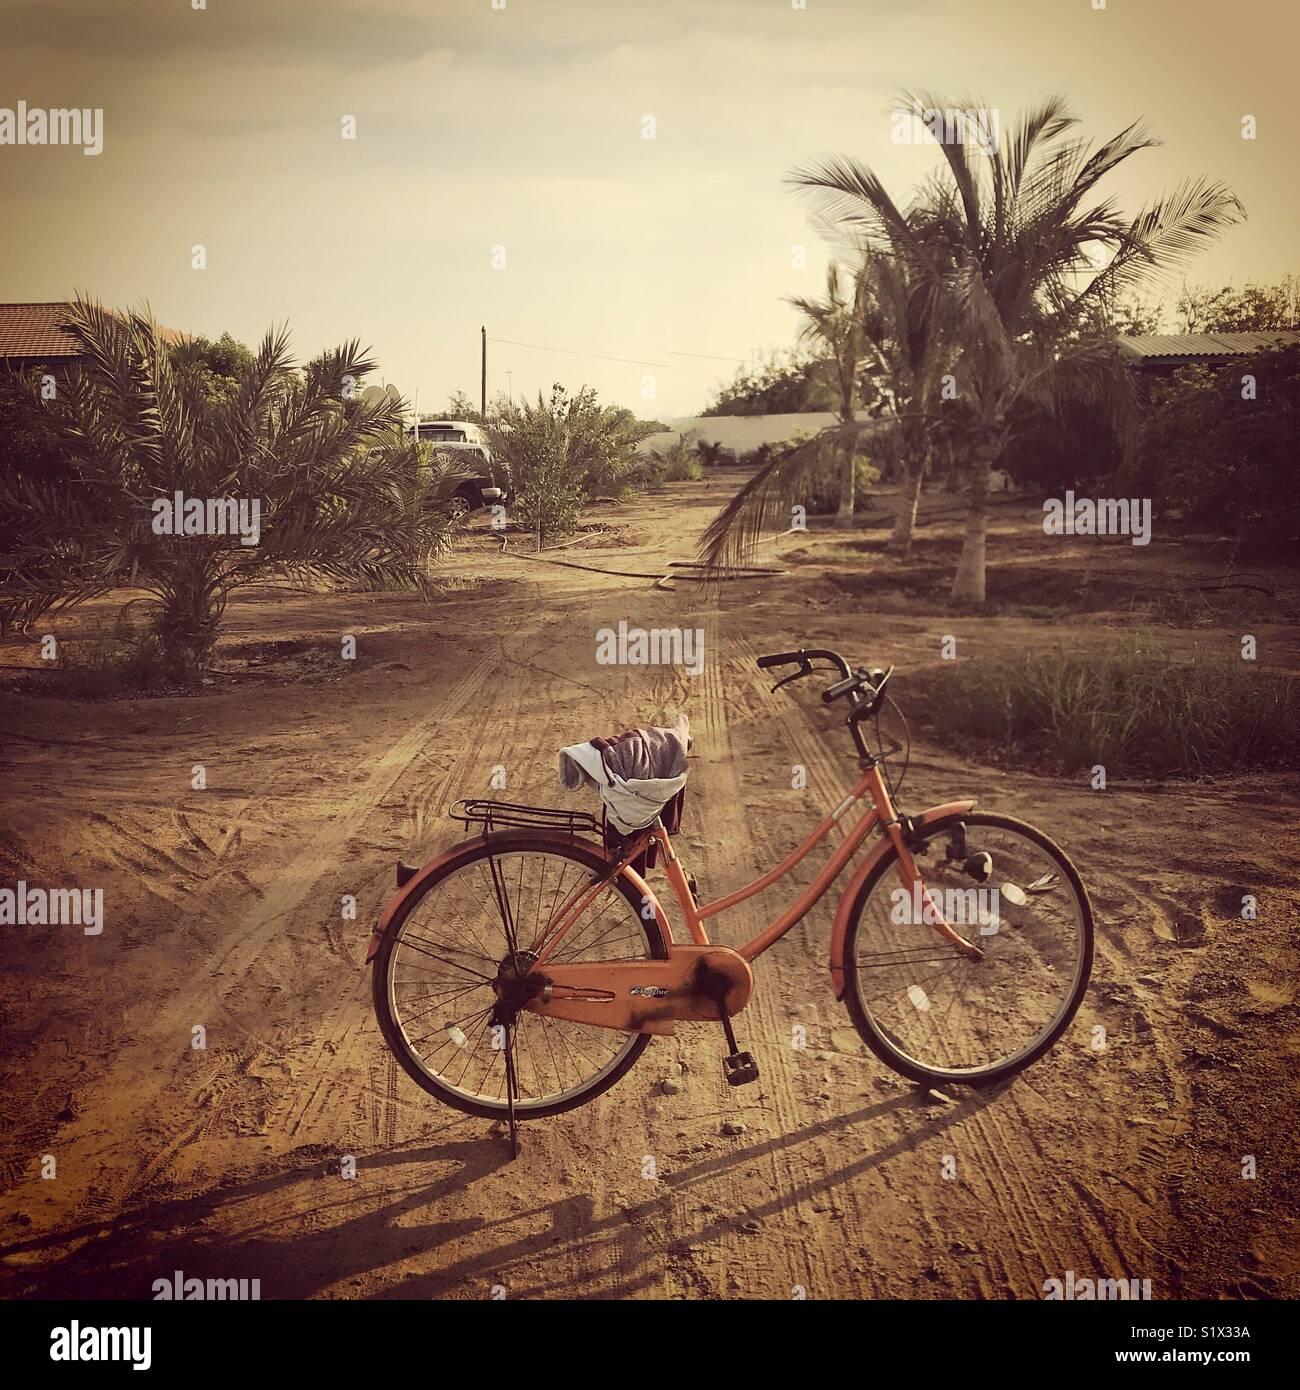 Location de vélo ou sur une ferme Photo Stock